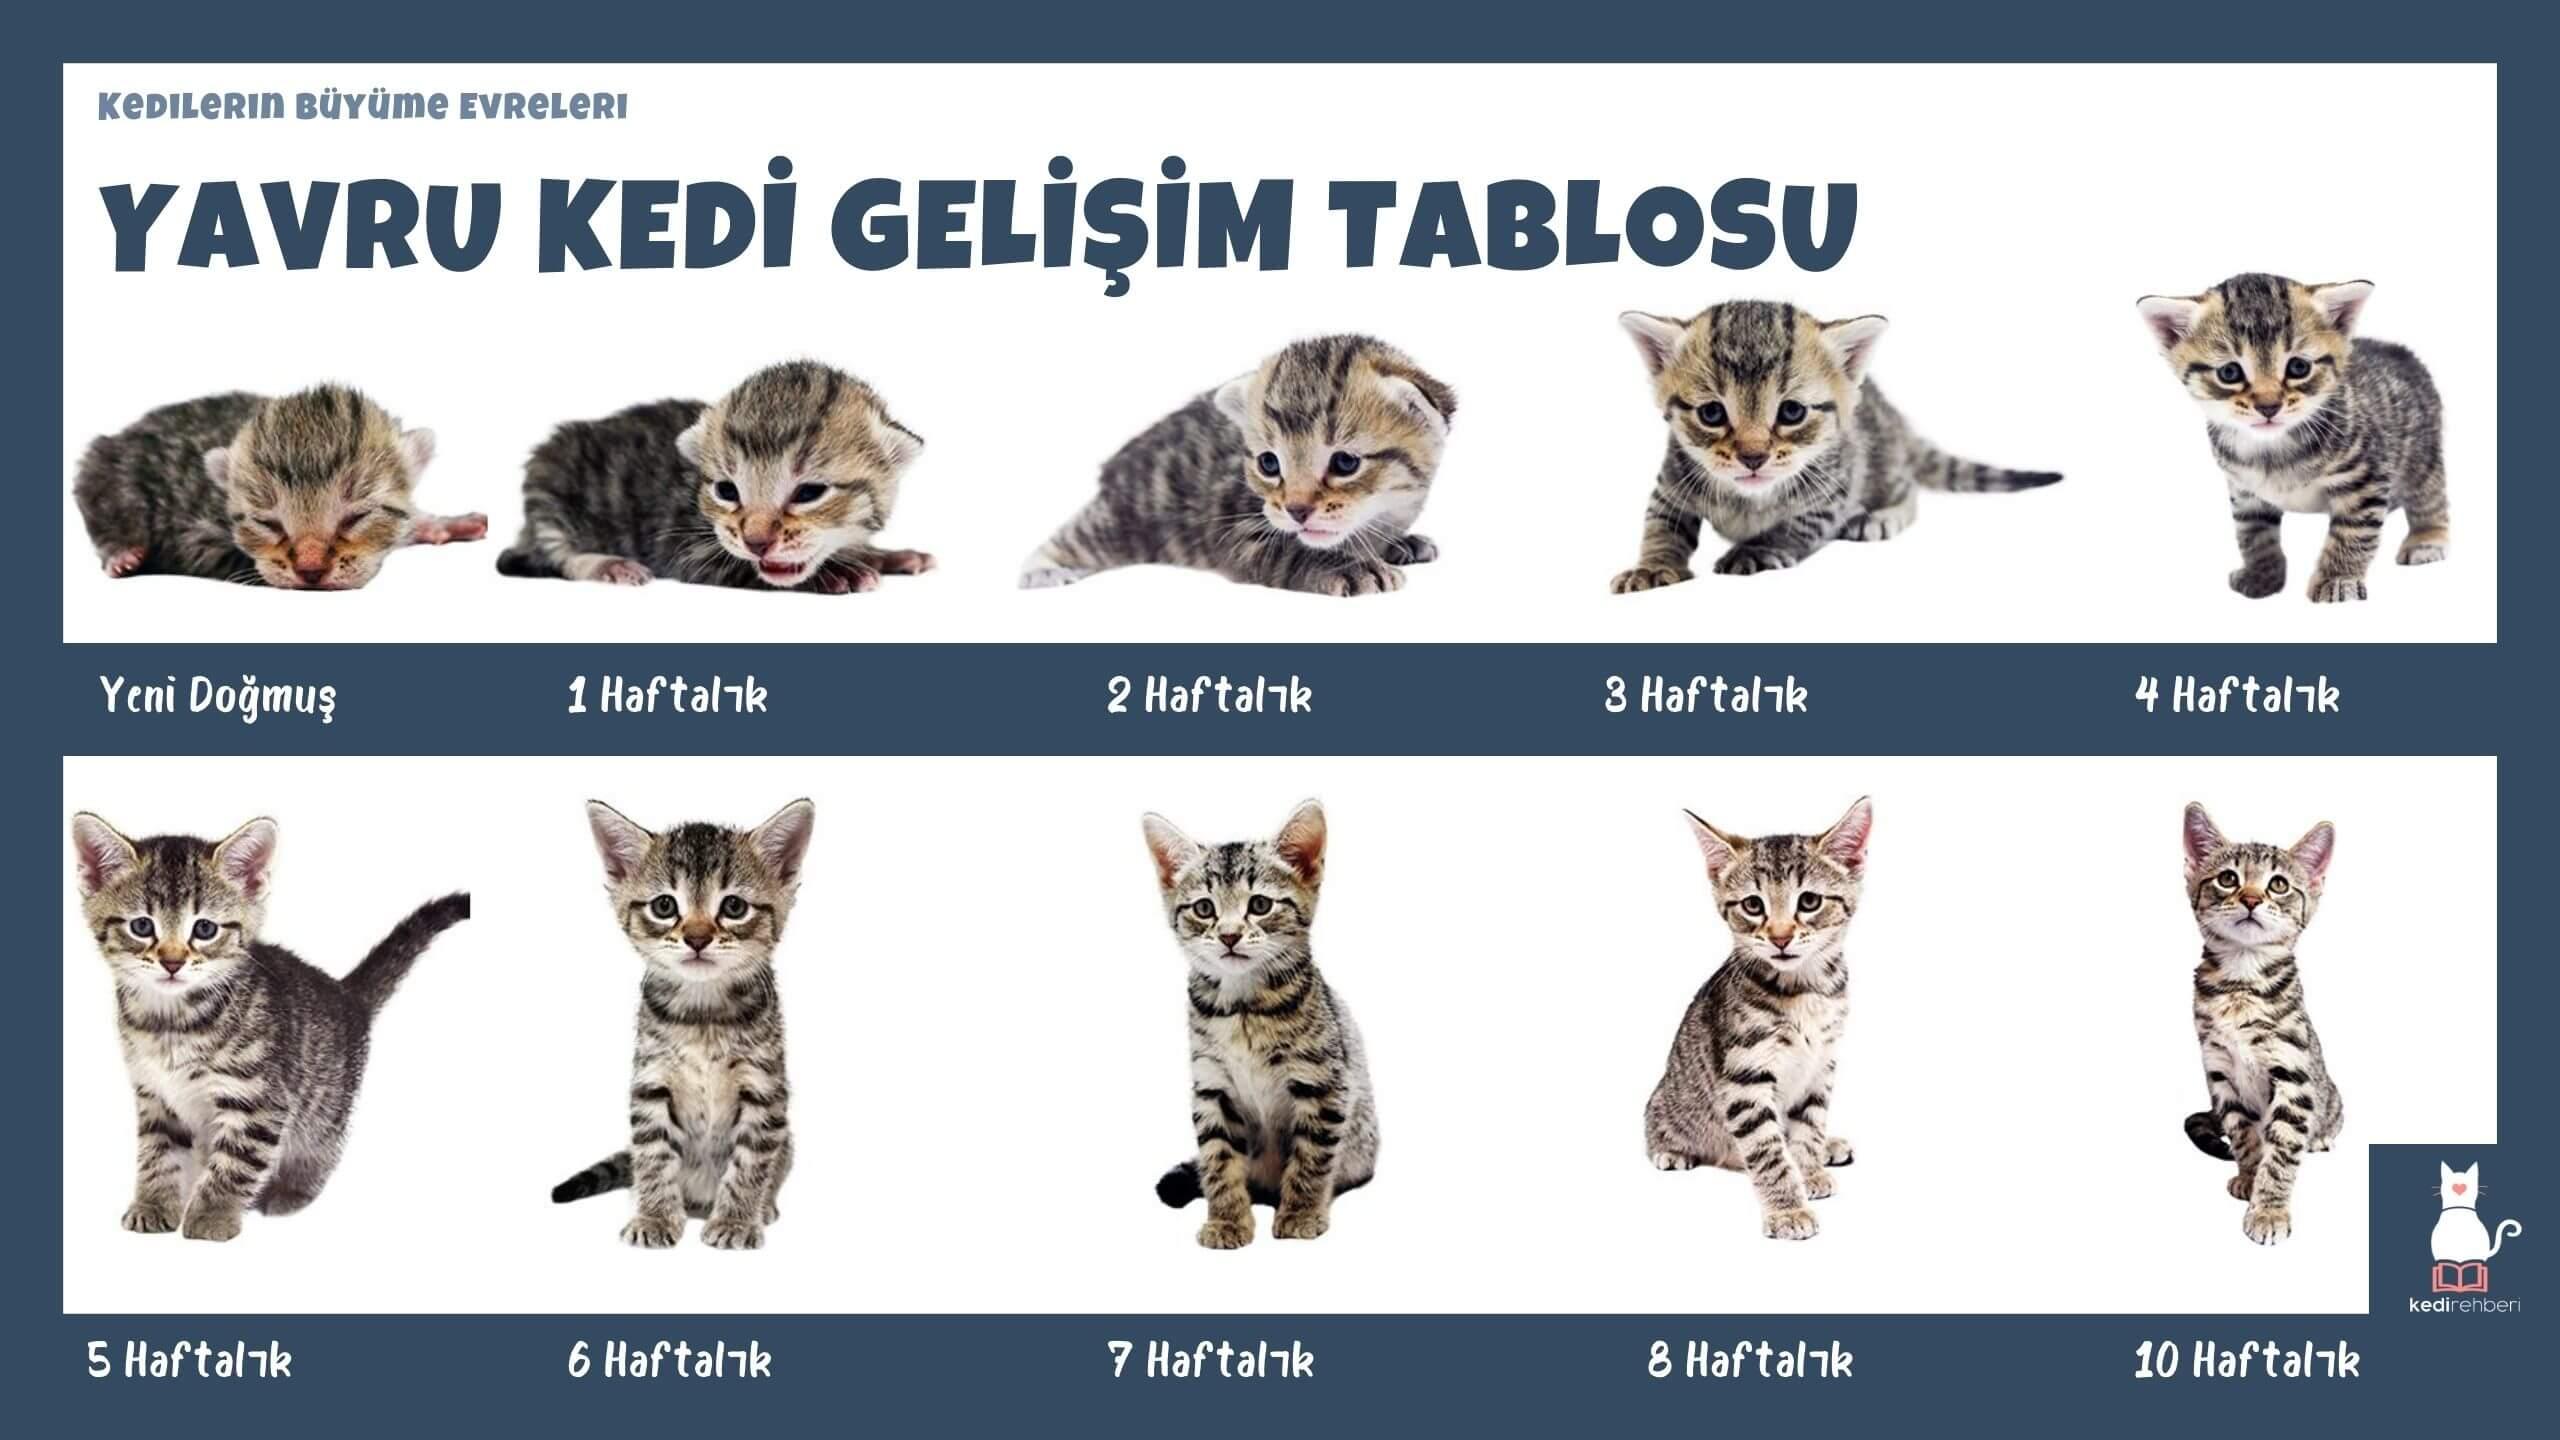 Yavru Kedi Gelişim Tablosu